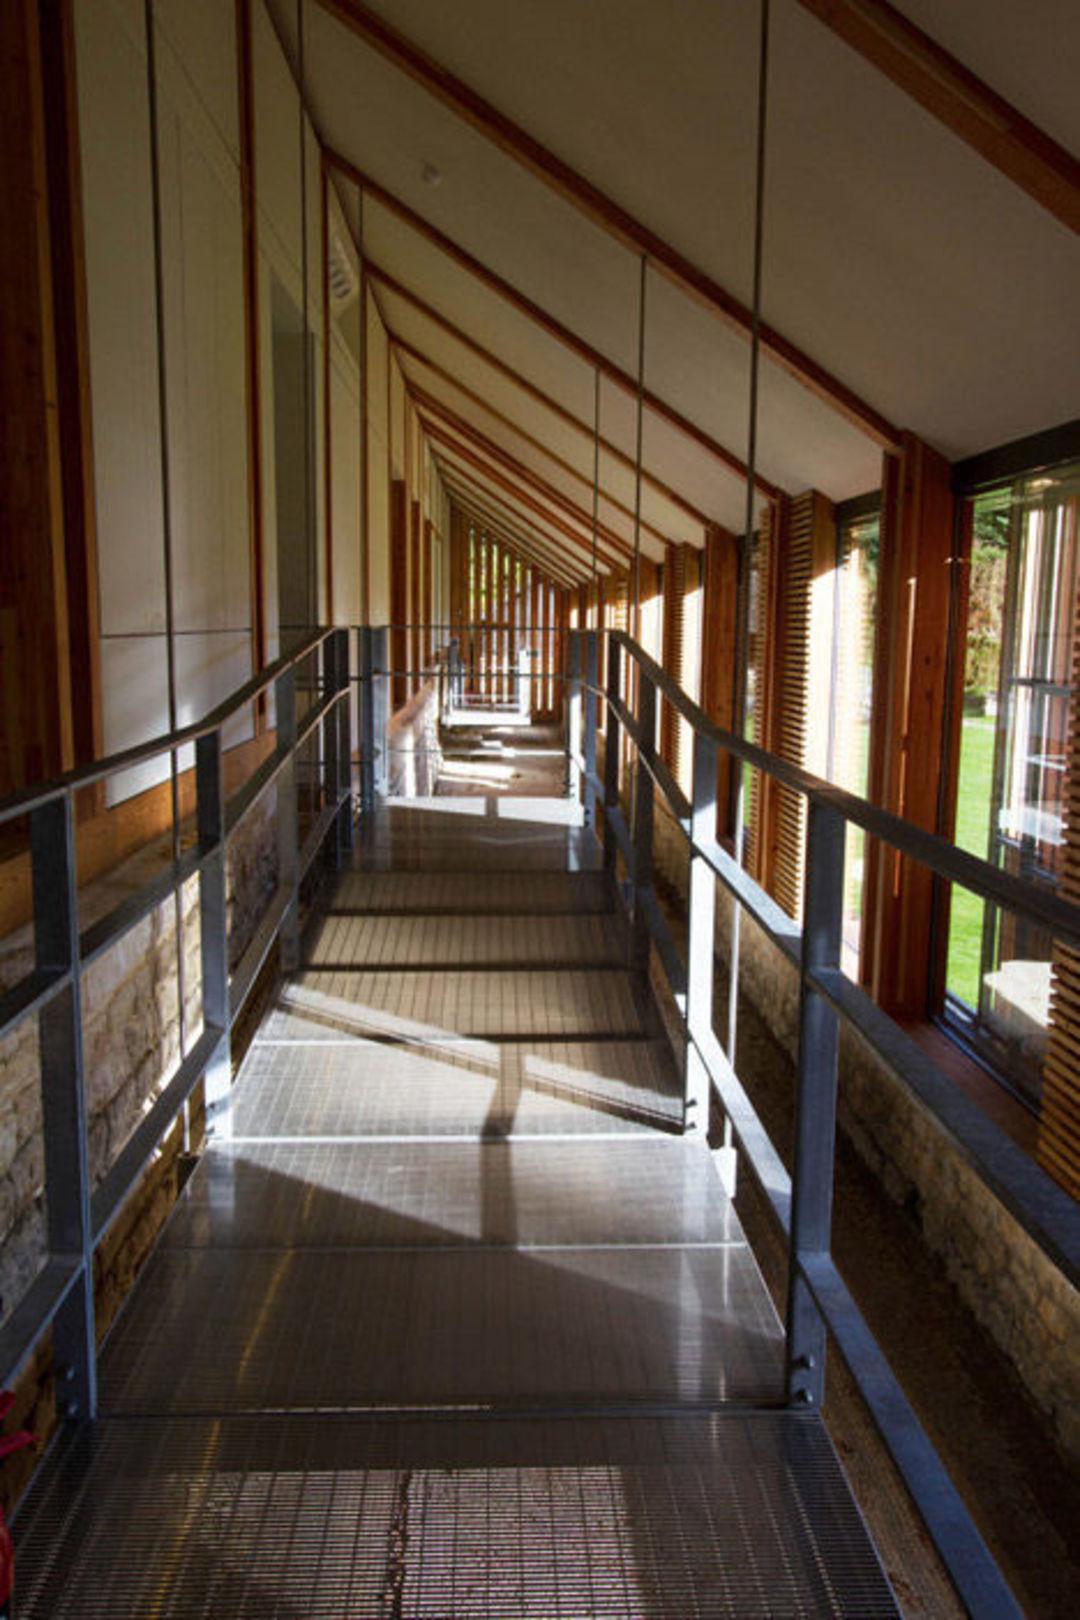 这个建筑和历史遗迹合为一体,它还鼓励你走进去参观_设计_好奇心日报